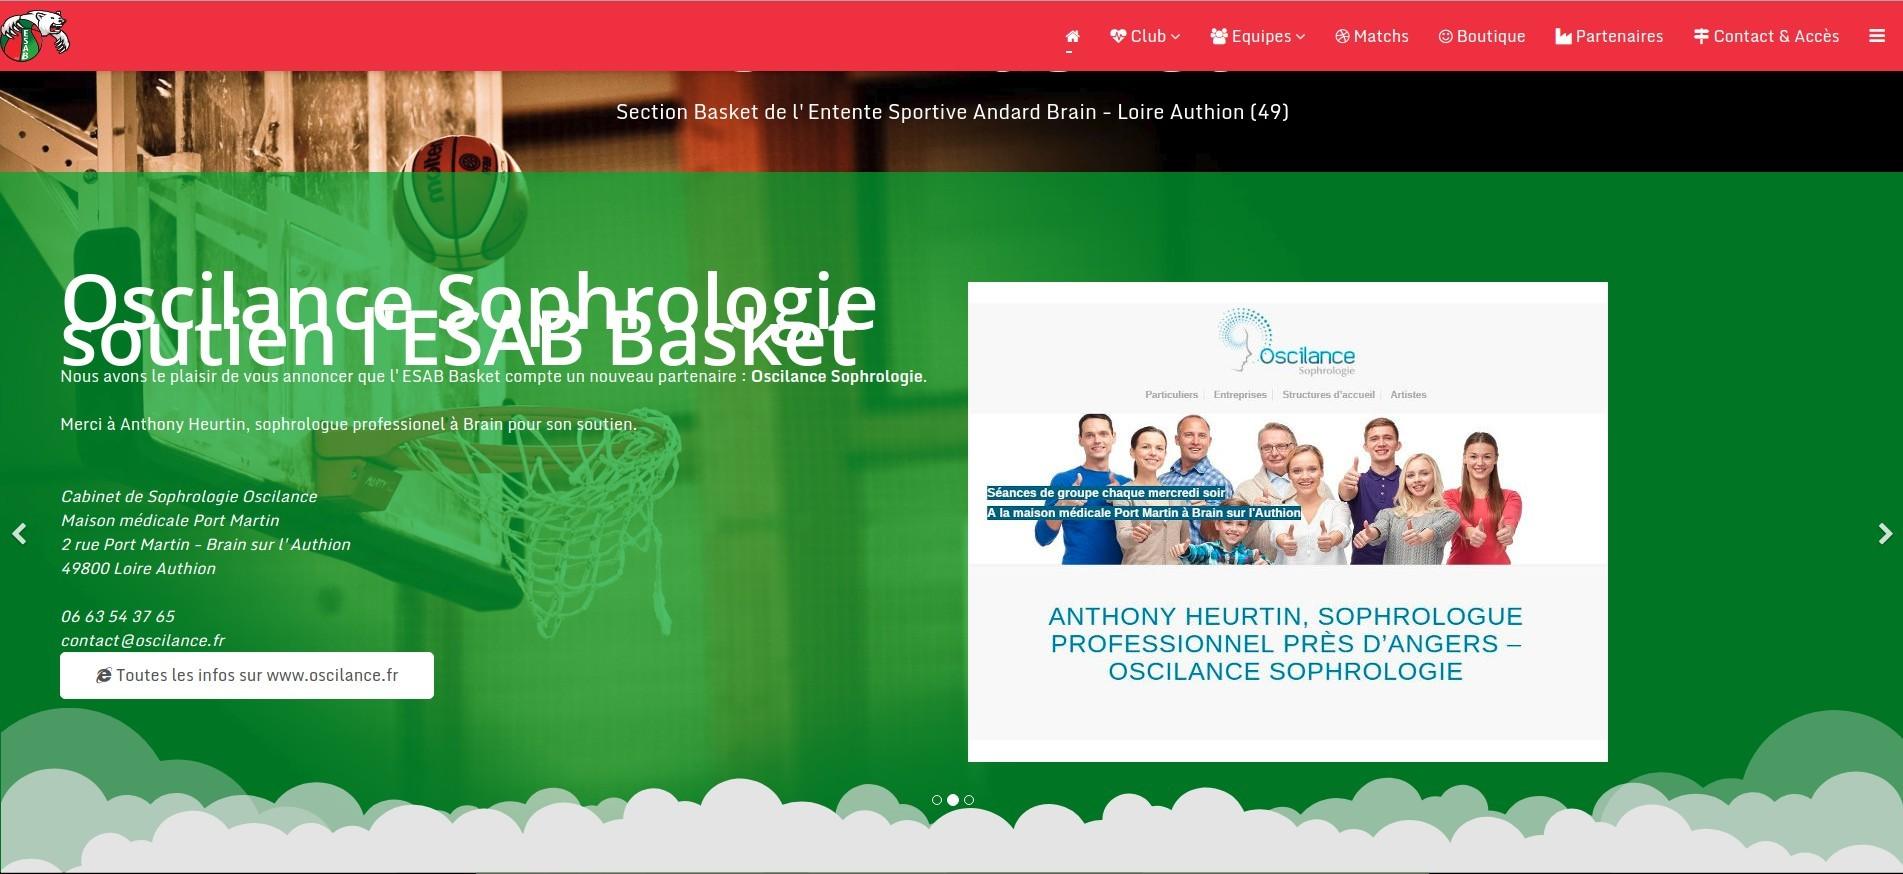 Oscilance sophrologie partenaire Basket club brain authion sportif sport preparation mentale angers